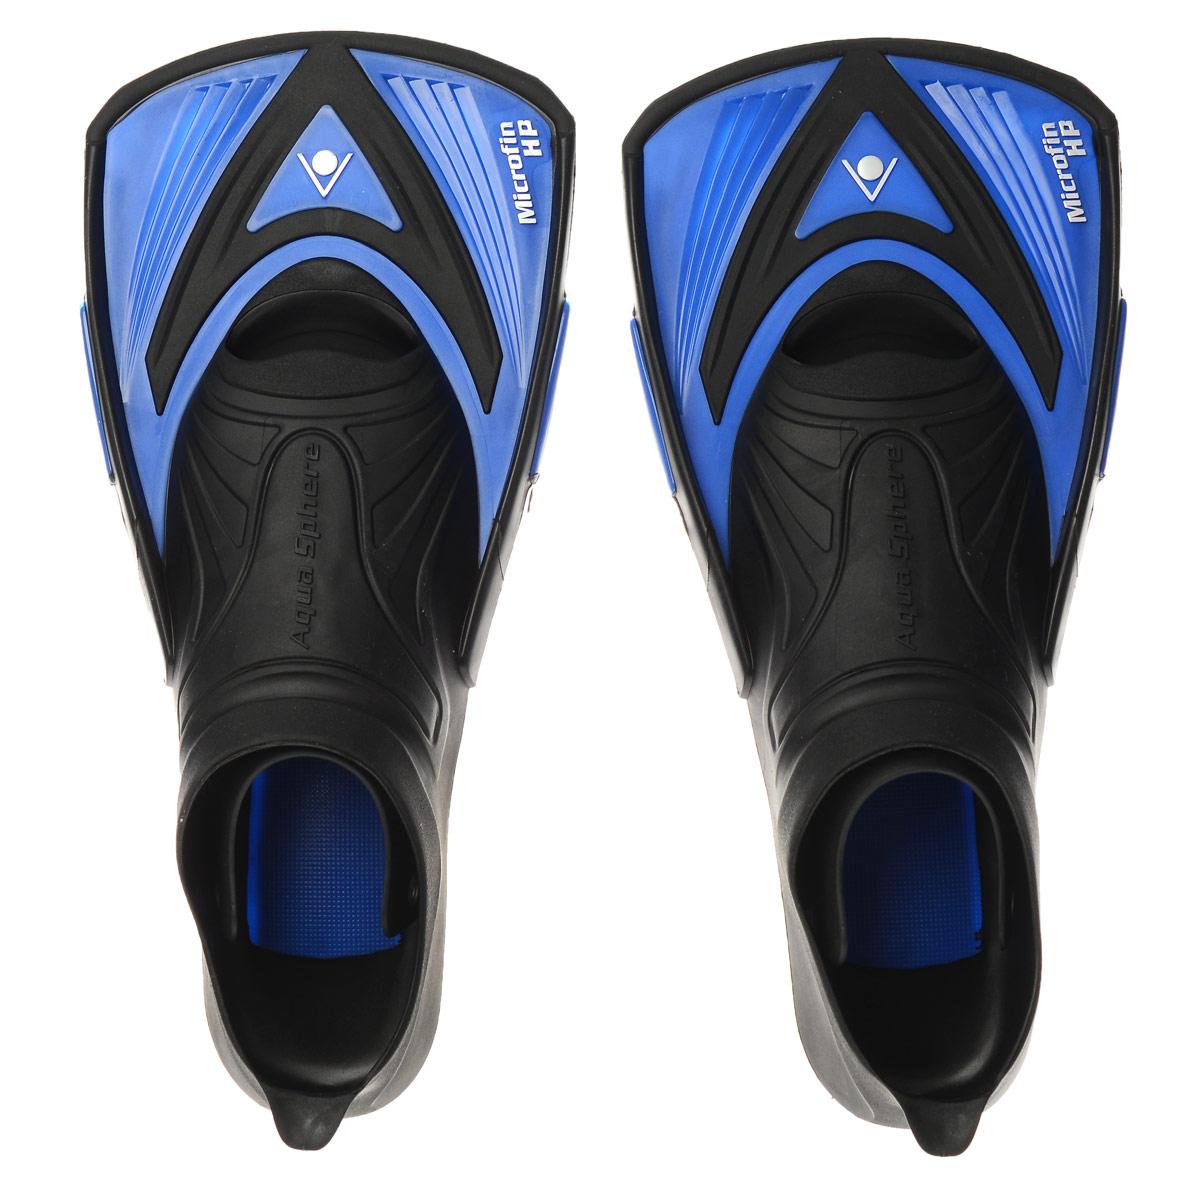 Ласты тренировочные Aqua Sphere Microfin HP, цвет: синий, черный. Размер 38/39TN 221390 (205380)Aqua Sphere Microfin HP - это ласты для энергичной манеры плавания, предназначенные для серьезных спортивных тренировок. Уникальный дизайн ласт обеспечивает достаточное сопротивление воды для силовых тренировок и поддерживает ноги близко к поверхности воды - таким образом, пловец занимает правильное положение, гарантирующее максимальную обтекаемость. Особенности: Галоша с закрытой пяткой выполнена из прочного термопластика. Короткие лопасти удерживают ноги пловца близко к поверхности воды. Позволяют развивать силу мышц и поддерживать их в тонусе, одновременно совершенствуя технику плавания.